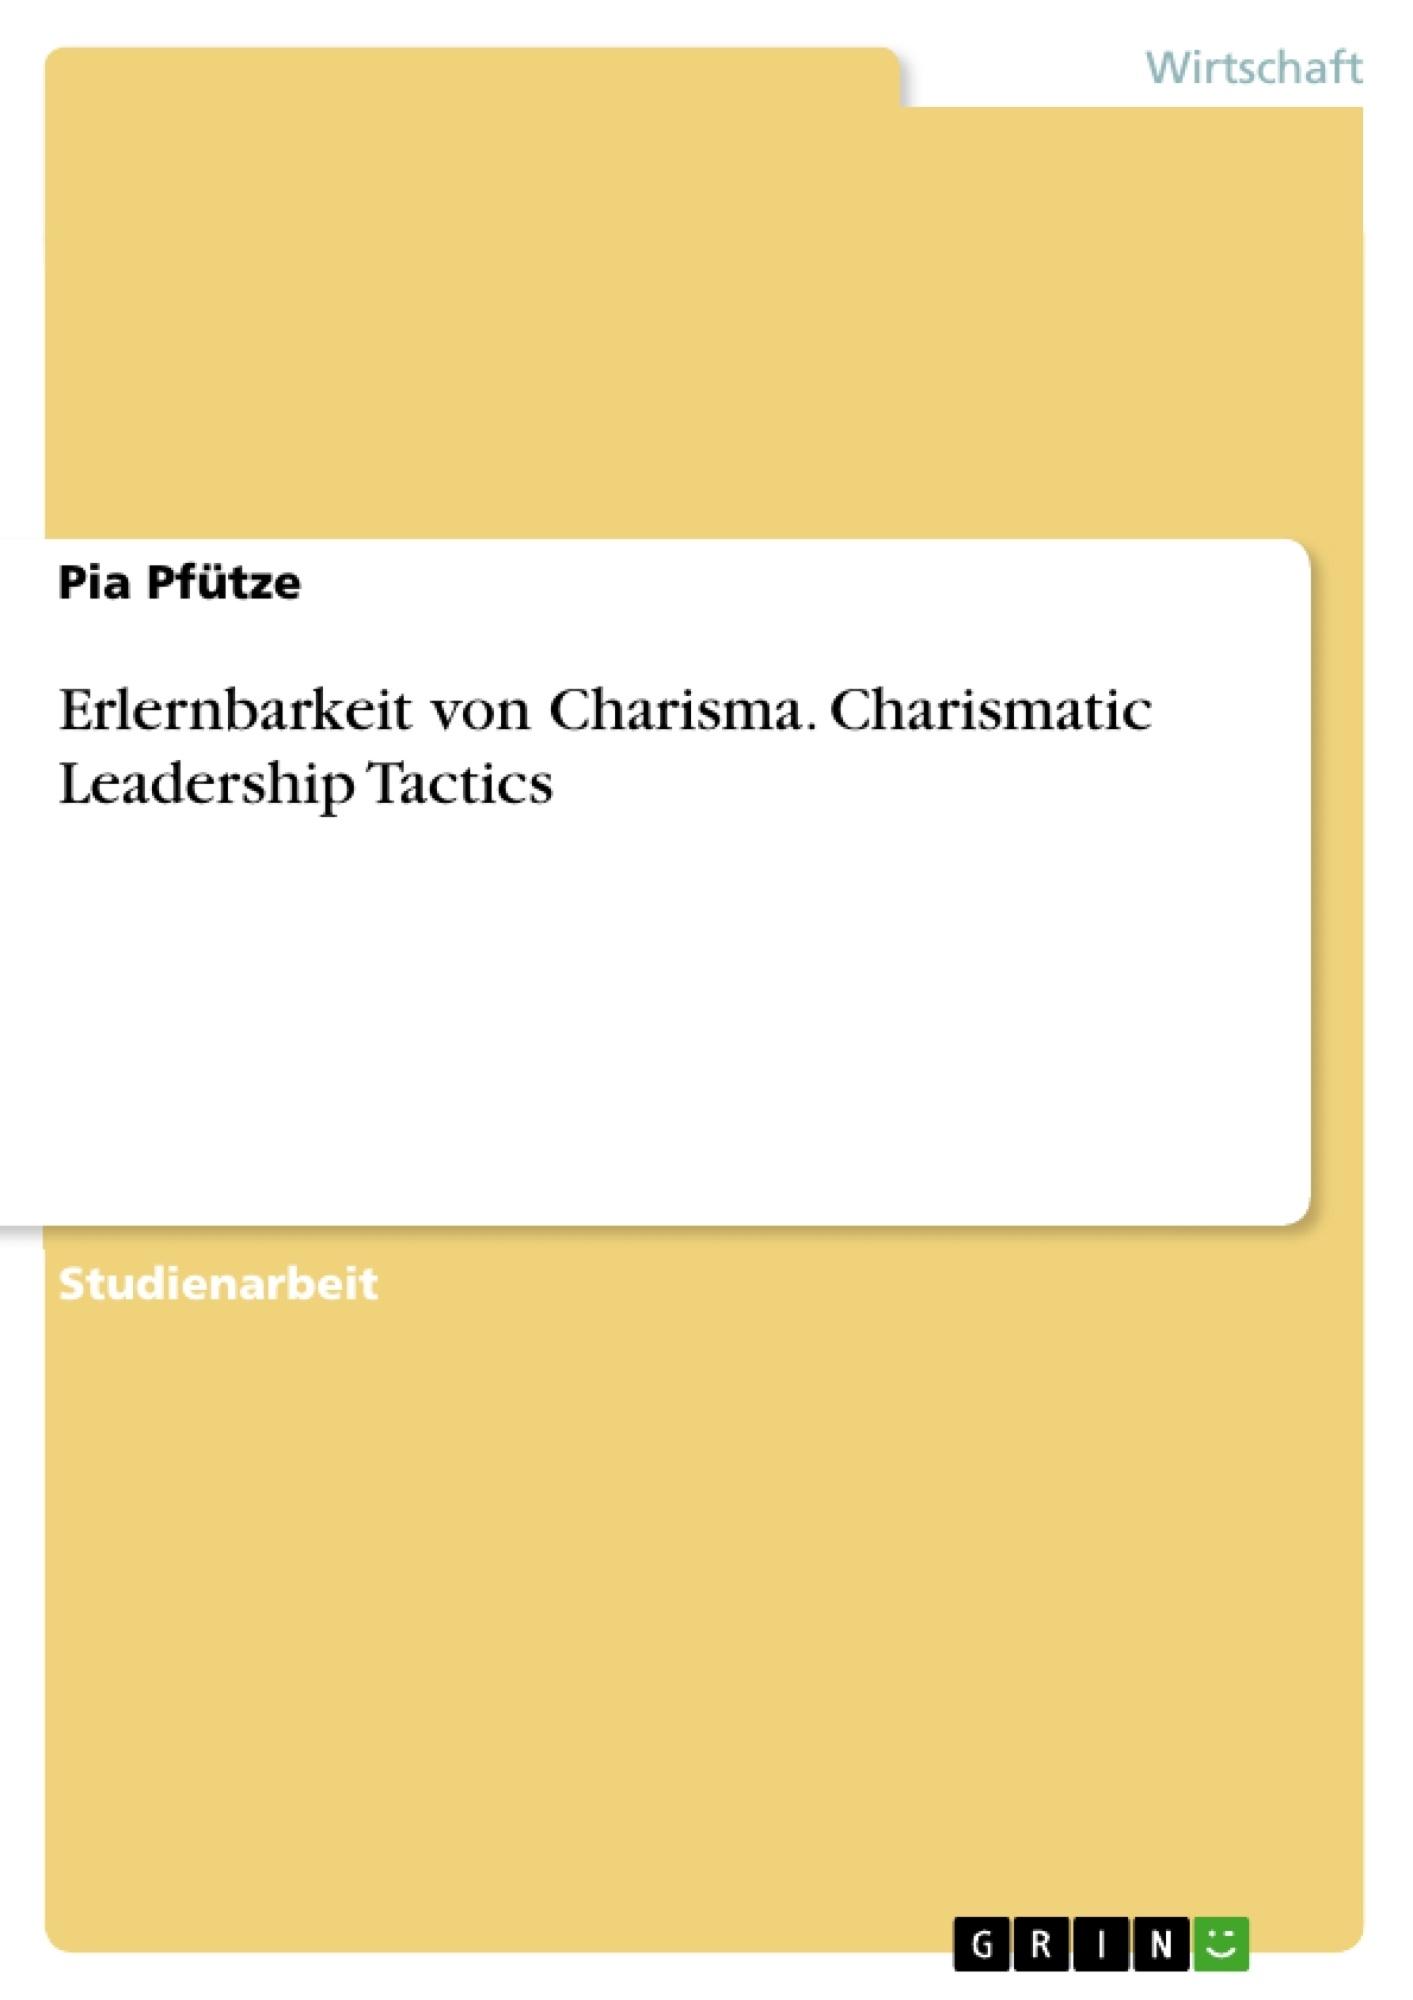 Titel: Erlernbarkeit von Charisma. Charismatic Leadership Tactics